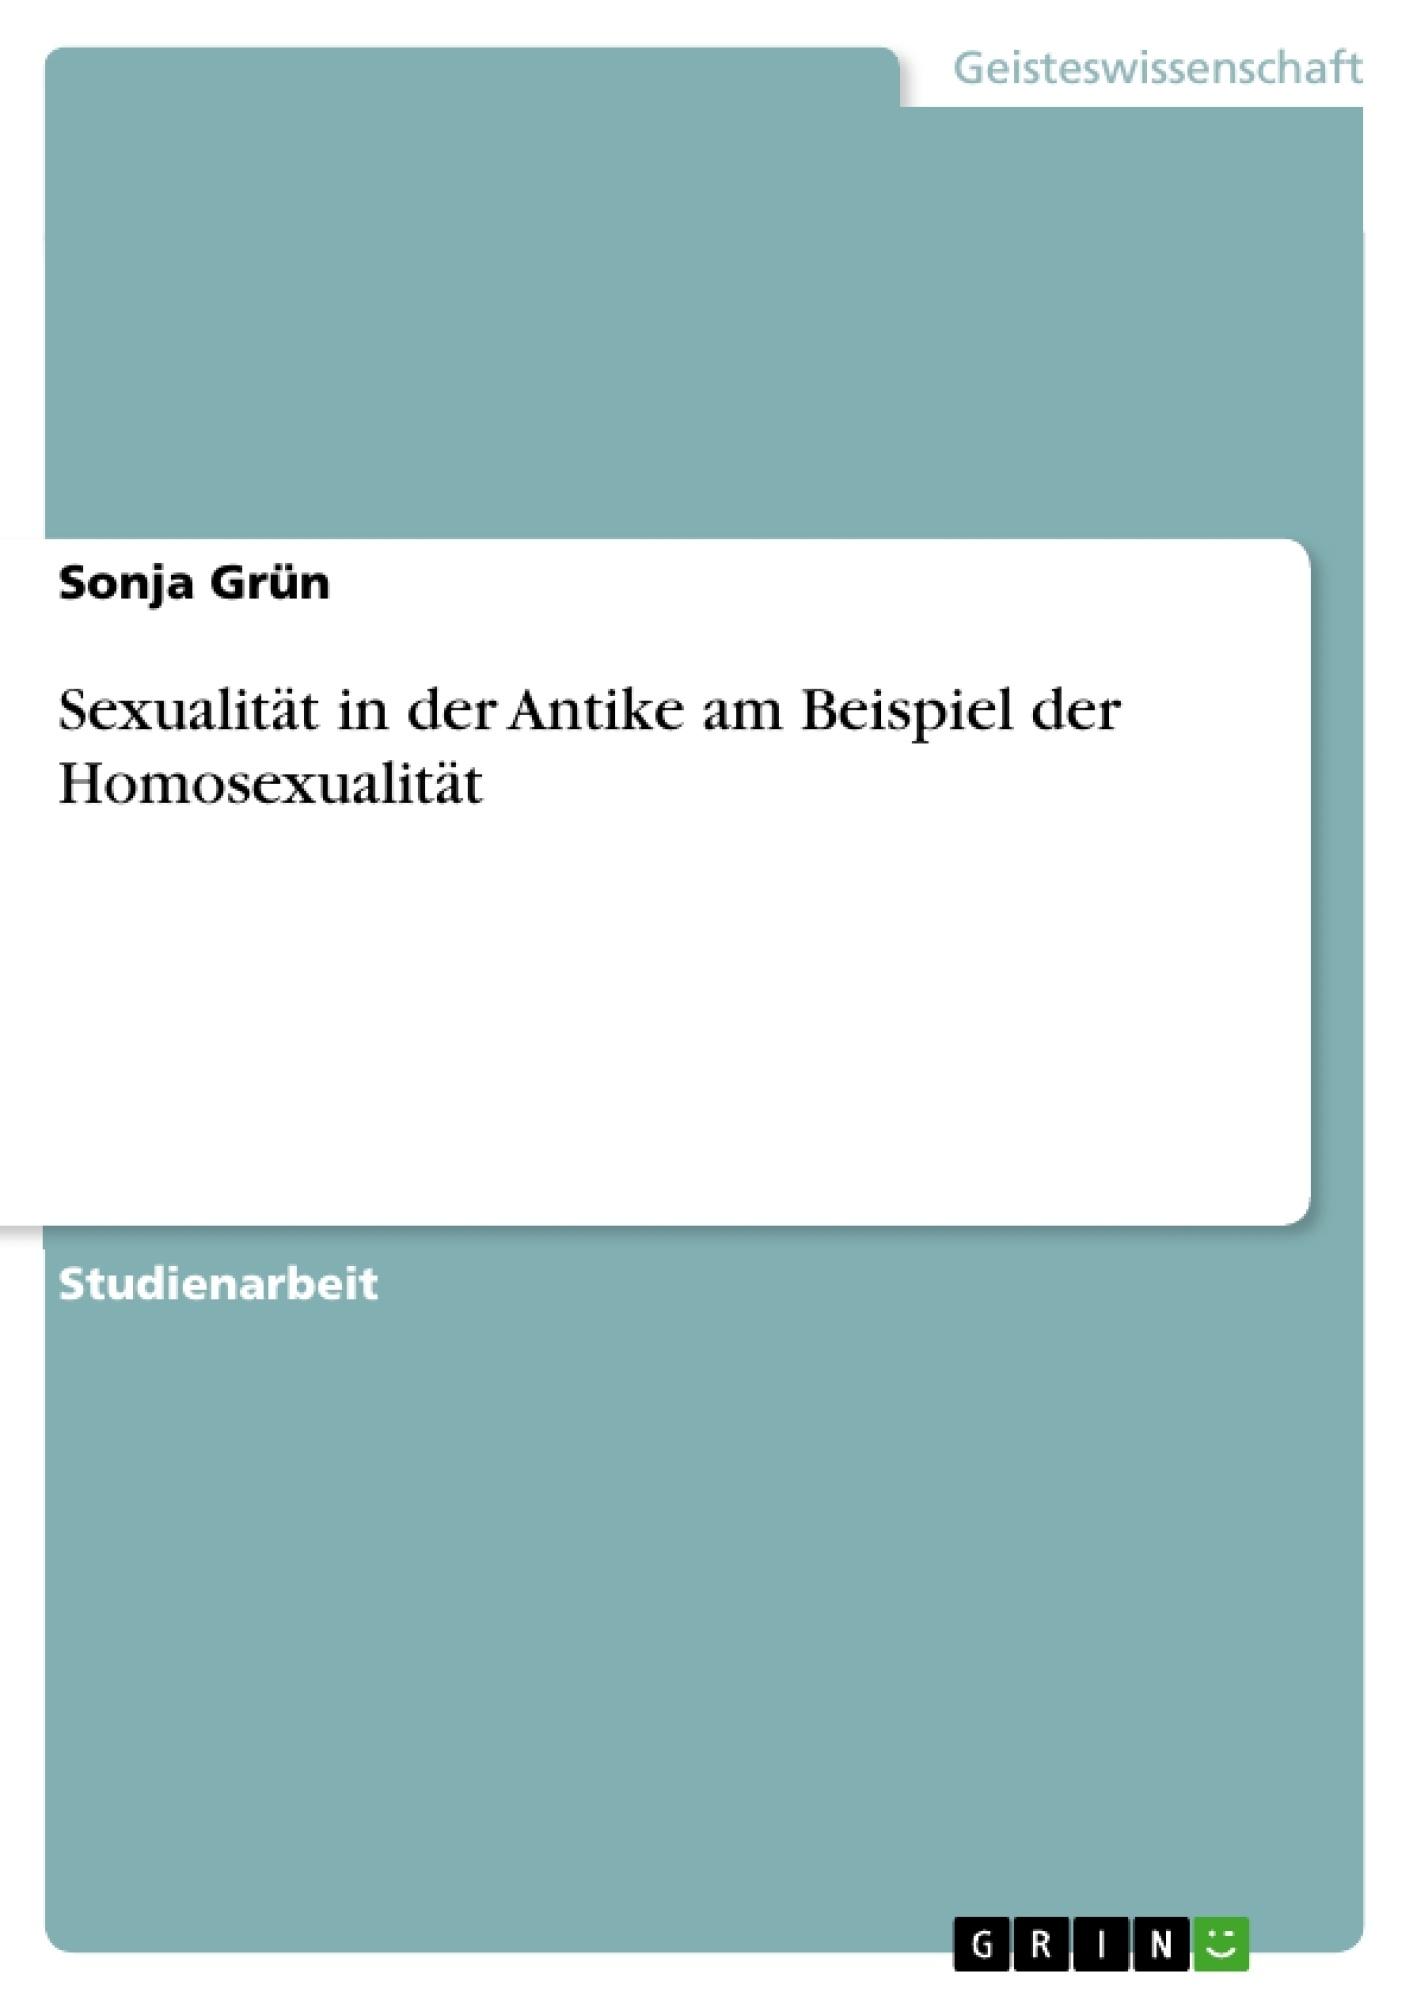 Titel: Sexualität in der Antike am Beispiel der Homosexualität